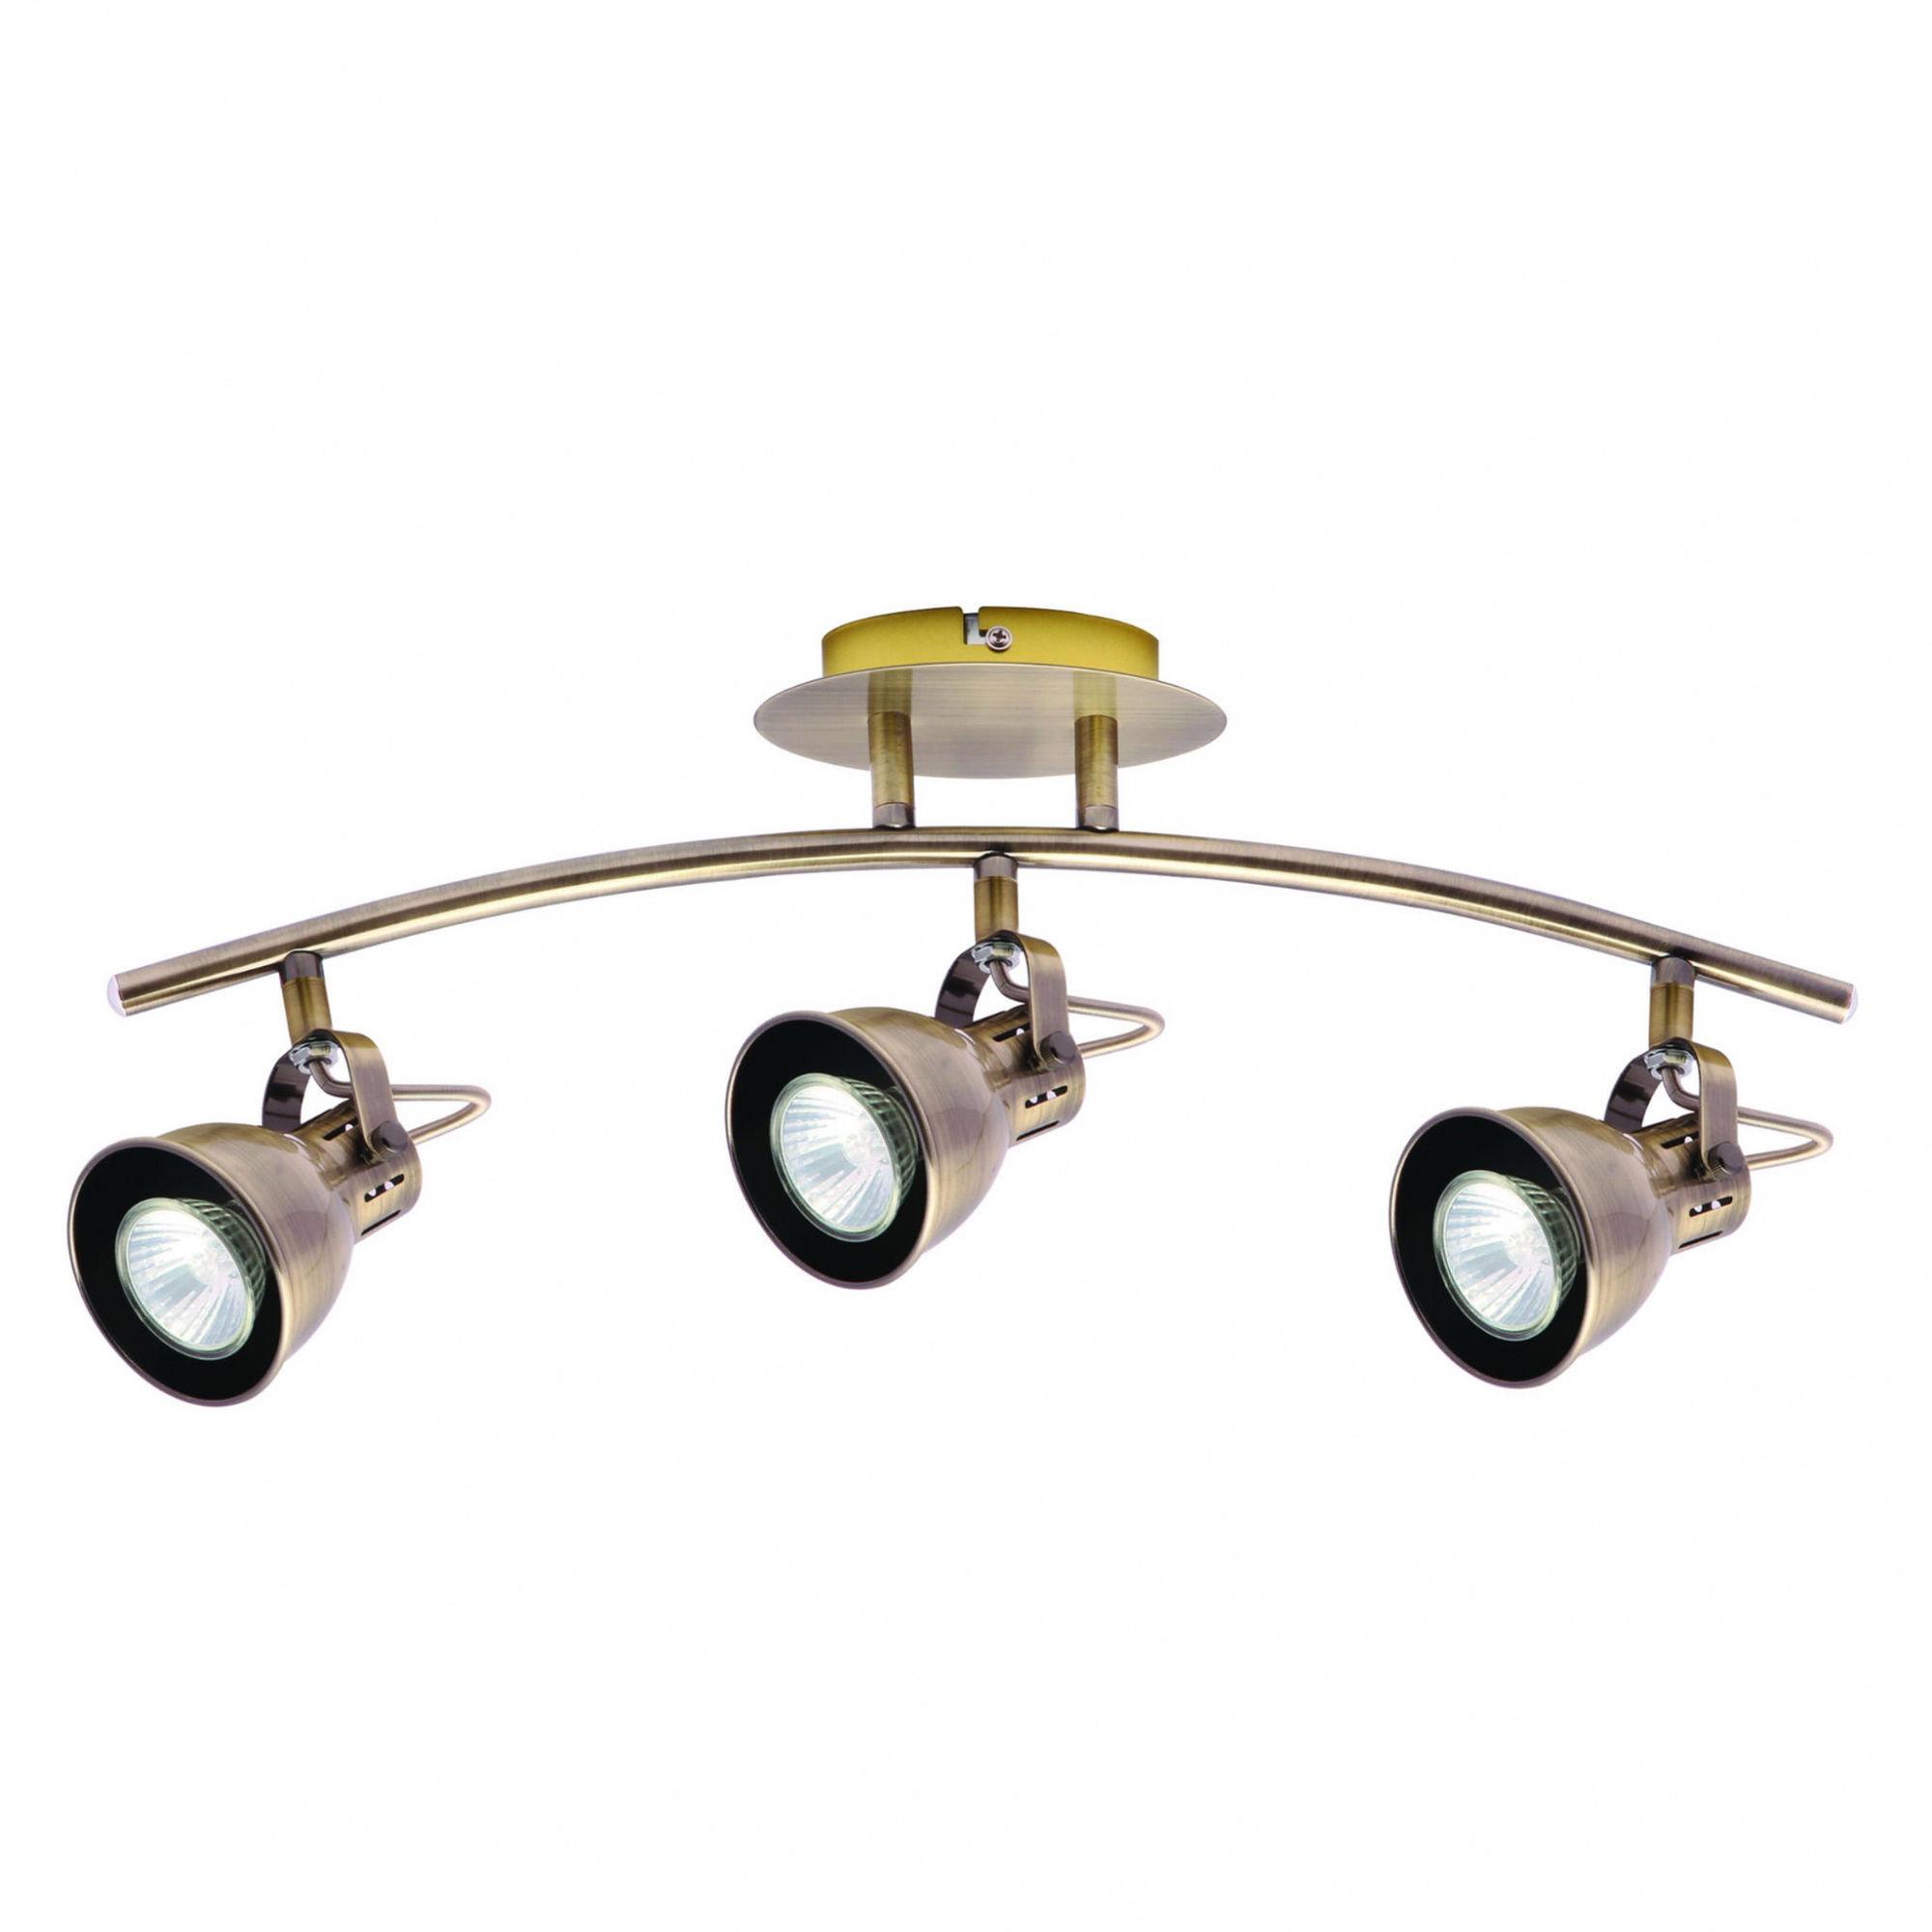 Kinkiet Bolzano 3 LP-8067/3W Light Prestige klasyczna lampa ścienna w kolorze patyny